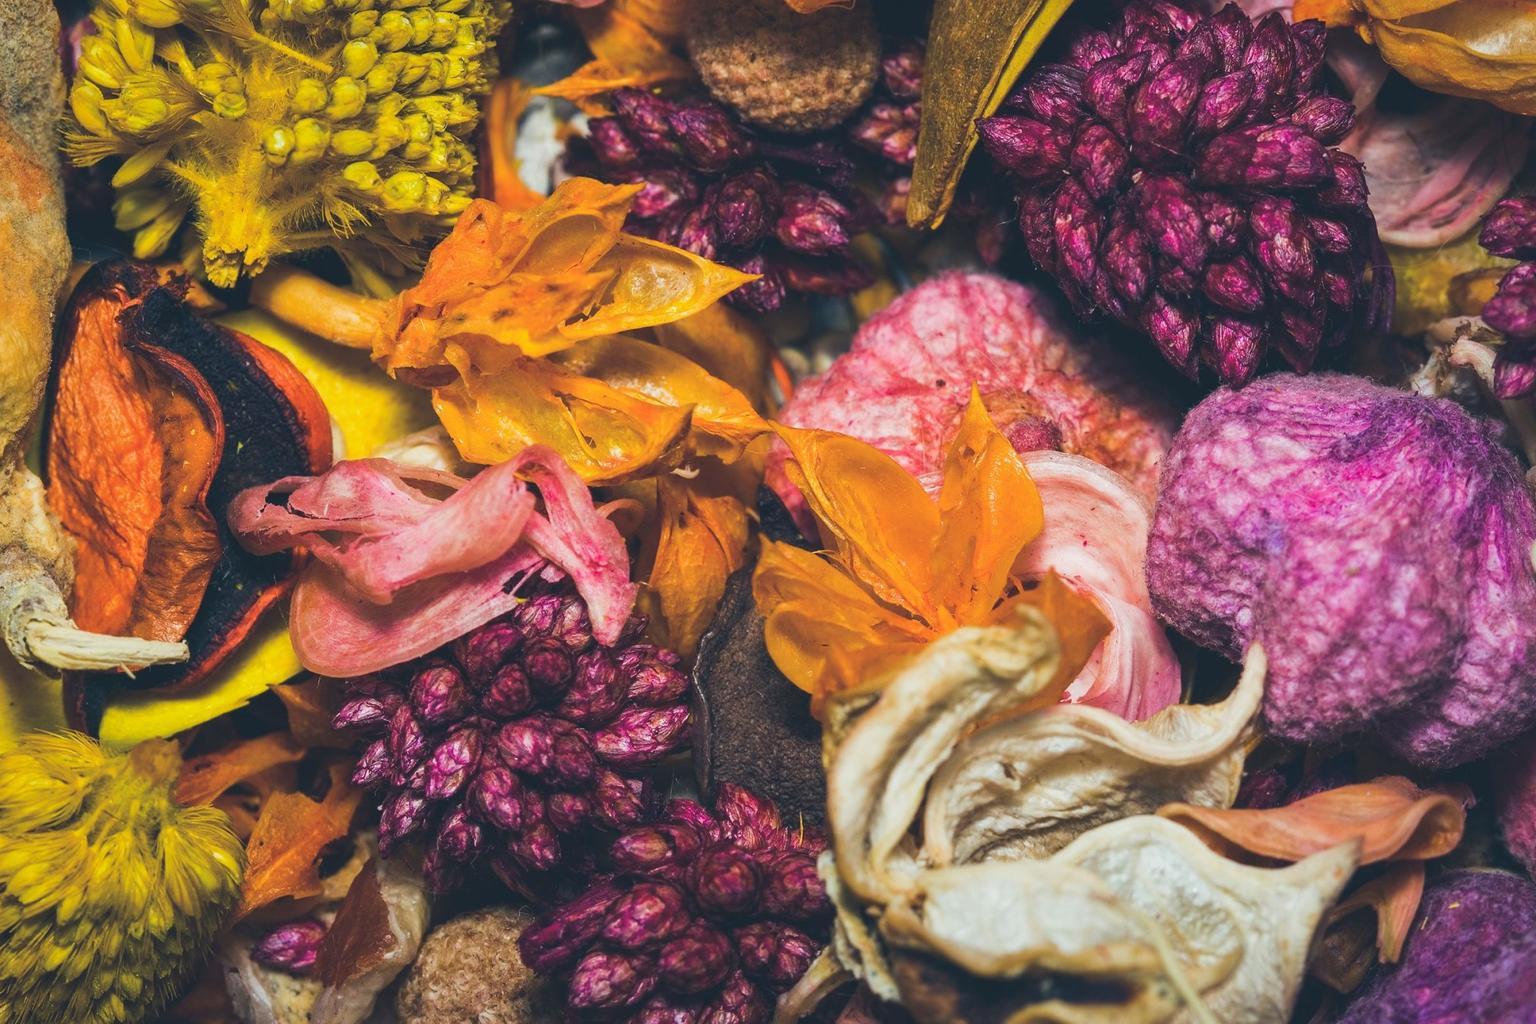 Các loại hoa khô, thảo mộc sẽ giúp phòng ngủ của bạn không còn mùi hôi, ẩm mốc